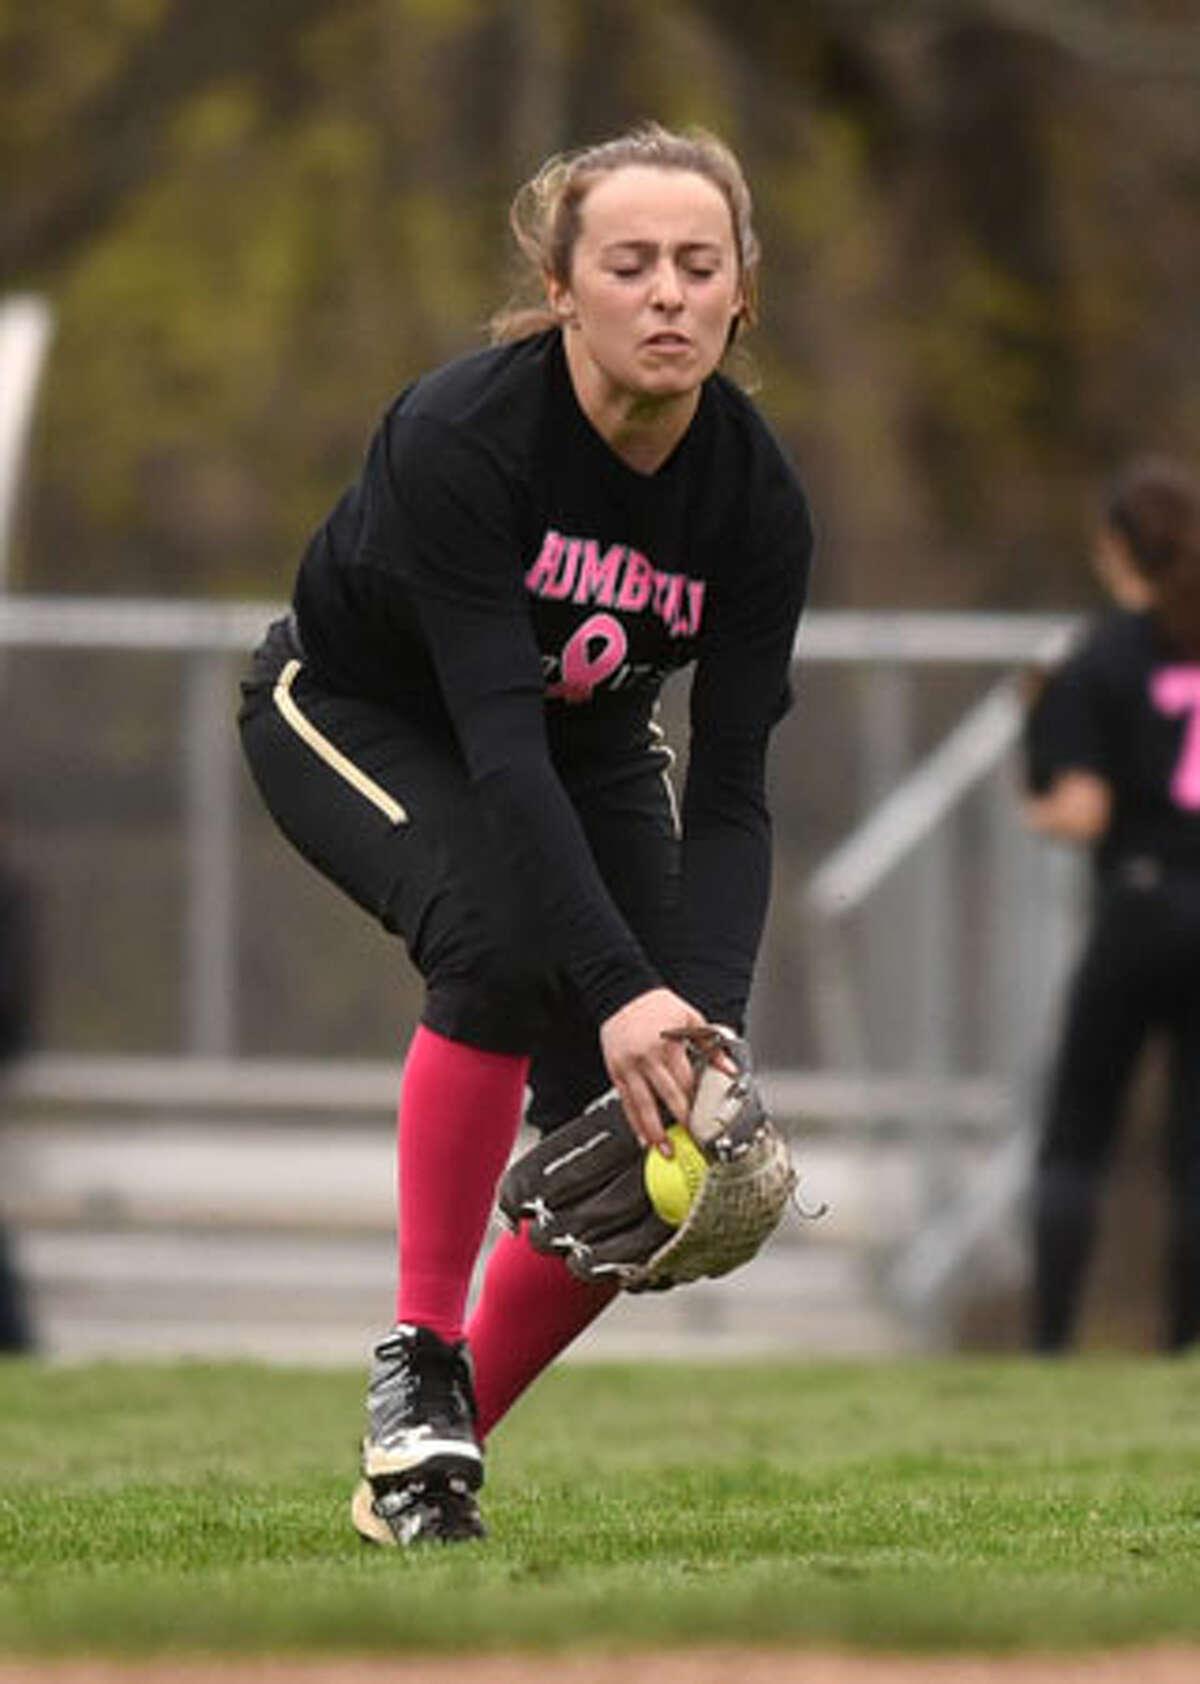 Alexa Adinolfi makes a running catch in centerfield. - Dave Stewart photo